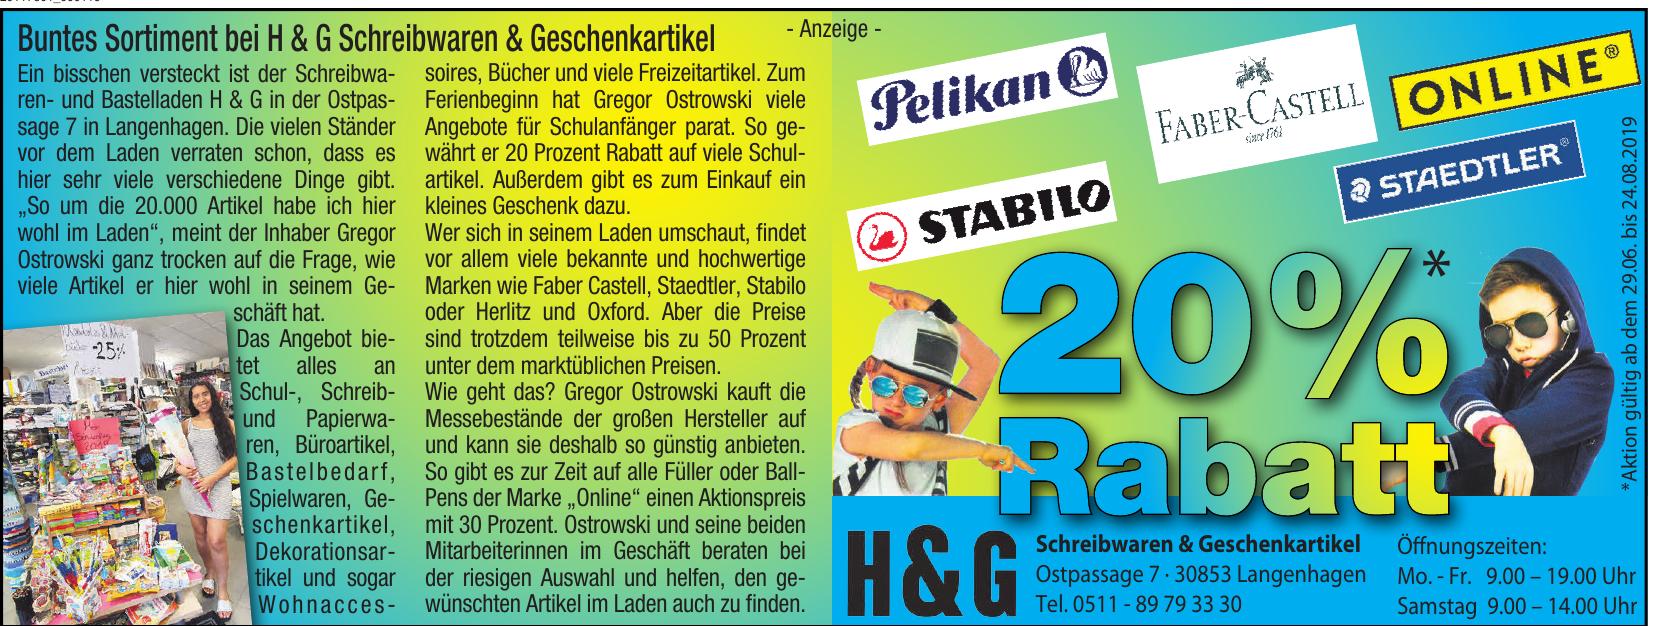 H & GSchreibwaren & Geschenkartikel